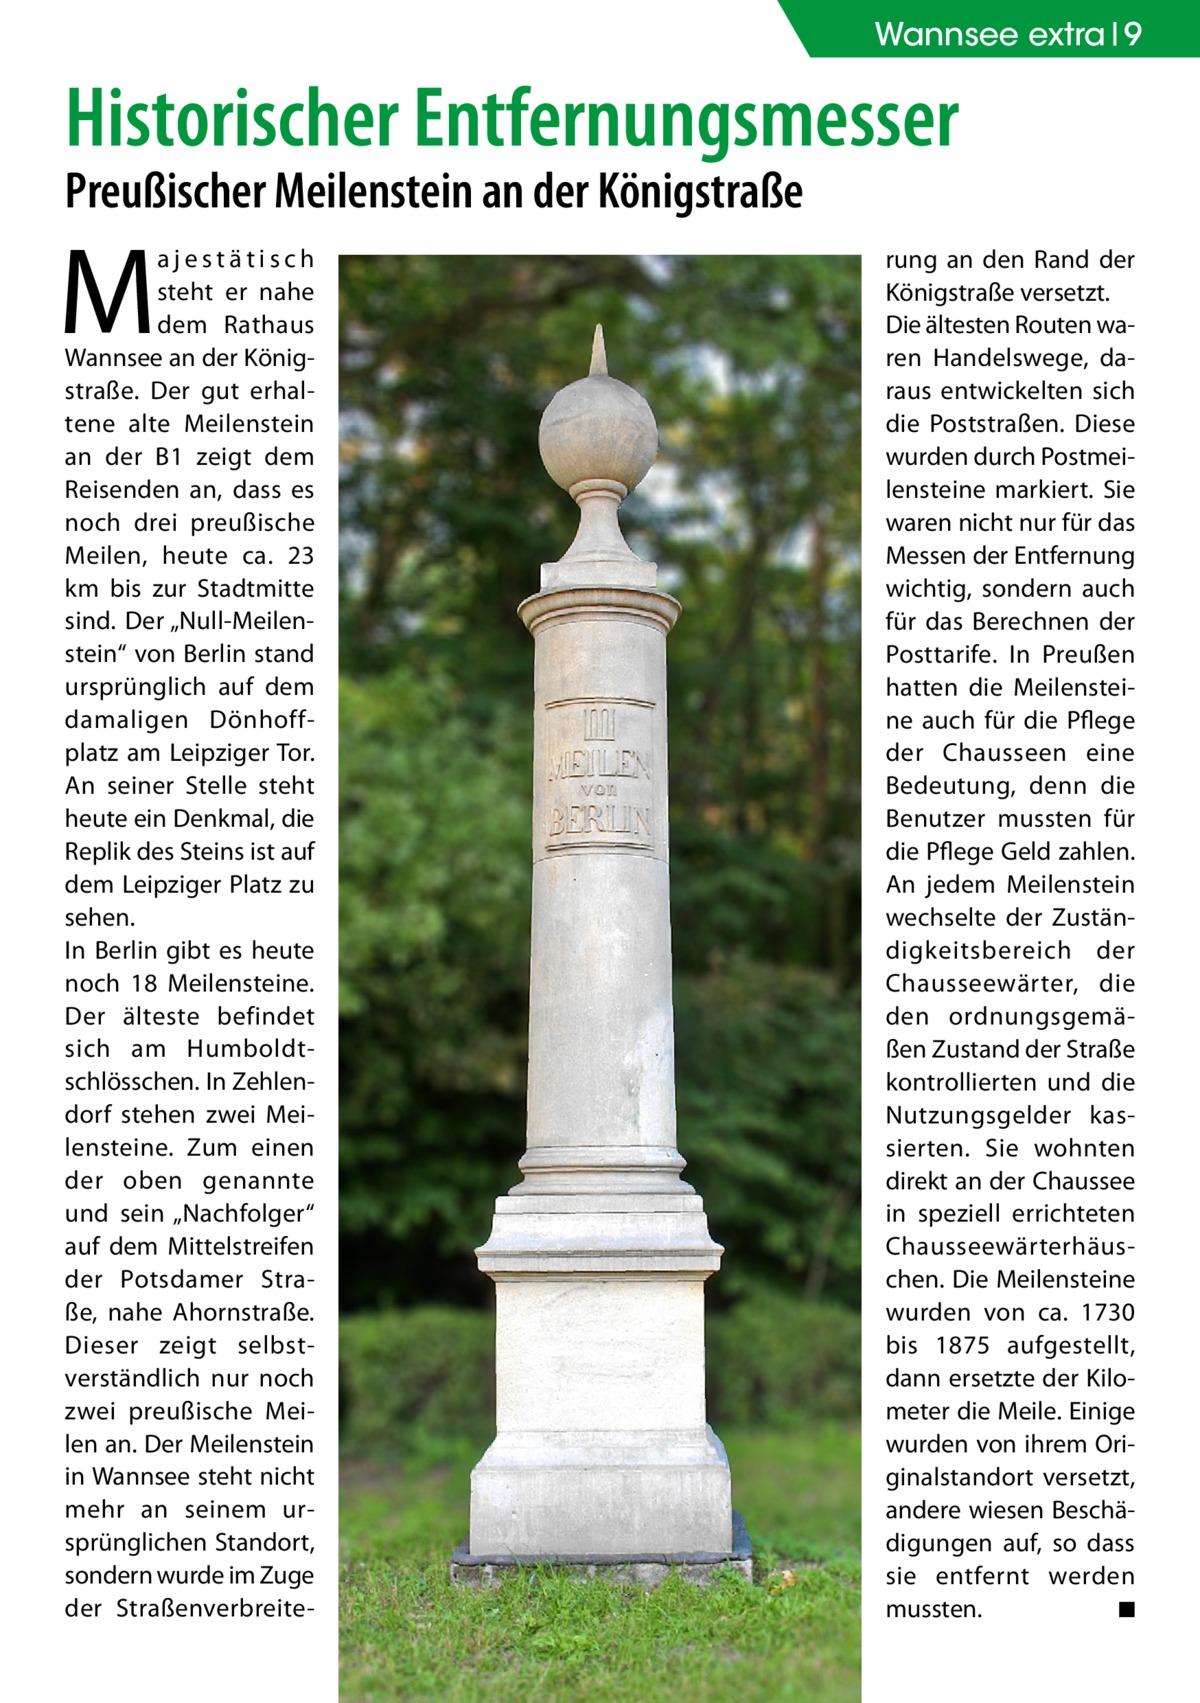 """Wannsee extra 9  Historischer Entfernungsmesser Preußischer Meilenstein an der Königstraße  M  ajestätisch steht er nahe dem Rathaus Wannsee an der Königstraße. Der gut erhaltene alte Meilenstein an der B1 zeigt dem Reisenden an, dass es noch drei preußische Meilen, heute ca. 23 km bis zur Stadtmitte sind. Der """"Null-Meilenstein"""" von Berlin stand ursprünglich auf dem damaligen Dönhoffplatz am Leipziger Tor. An seiner Stelle steht heute ein Denkmal, die Replik des Steins ist auf dem Leipziger Platz zu sehen. In Berlin gibt es heute noch 18 Meilensteine. Der älteste befindet sich am Humboldtschlösschen. In Zehlendorf stehen zwei Meilensteine. Zum einen der oben genannte und sein """"Nachfolger"""" auf dem Mittelstreifen der Potsdamer Straße, nahe Ahornstraße. Dieser zeigt selbstverständlich nur noch zwei preußische Meilen an. Der Meilenstein in Wannsee steht nicht mehr an seinem ursprünglichen Standort, sondern wurde im Zuge der Straßenverbreite rung an den Rand der Königstraße versetzt. Die ältesten Routen waren Handelswege, daraus entwickelten sich die Poststraßen. Diese wurden durch Postmeilensteine markiert. Sie waren nicht nur für das Messen der Entfernung wichtig, sondern auch für das Berechnen der Posttarife. In Preußen hatten die Meilensteine auch für die Pflege der Chausseen eine Bedeutung, denn die Benutzer mussten für die Pflege Geld zahlen. An jedem Meilenstein wechselte der Zuständigkeitsbereich der Chausseewärter, die den ordnungsgemäßen Zustand der Straße kontrollierten und die Nutzungsgelder kassierten. Sie wohnten direkt an der Chaussee in speziell errichteten Chausseewärterhäuschen. Die Meilensteine wurden von ca. 1730 bis 1875 aufgestellt, dann ersetzte der Kilometer die Meile. Einige wurden von ihrem Originalstandort versetzt, andere wiesen Beschädigungen auf, so dass sie entfernt werden mussten. � ◾"""